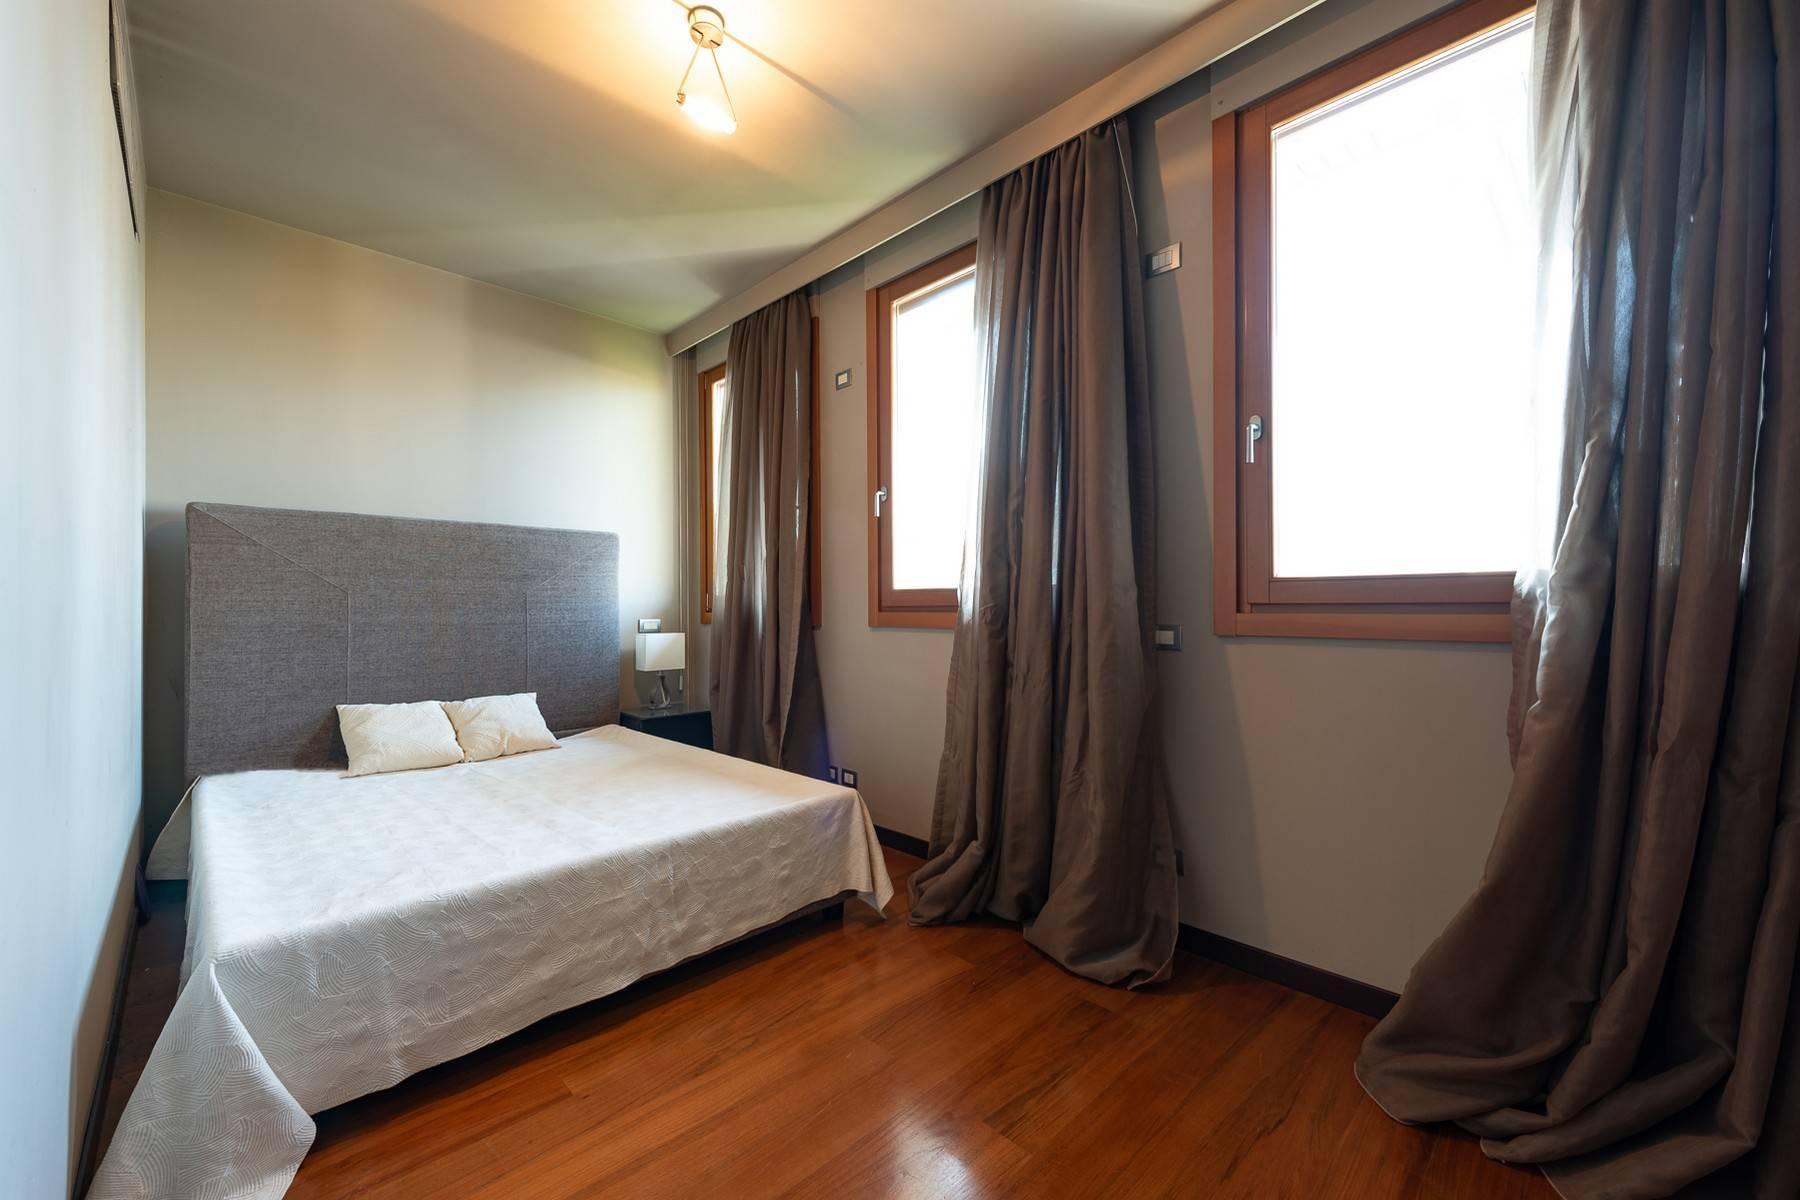 Splendido e luminoso appartamento con terrazzo loggiato - 20